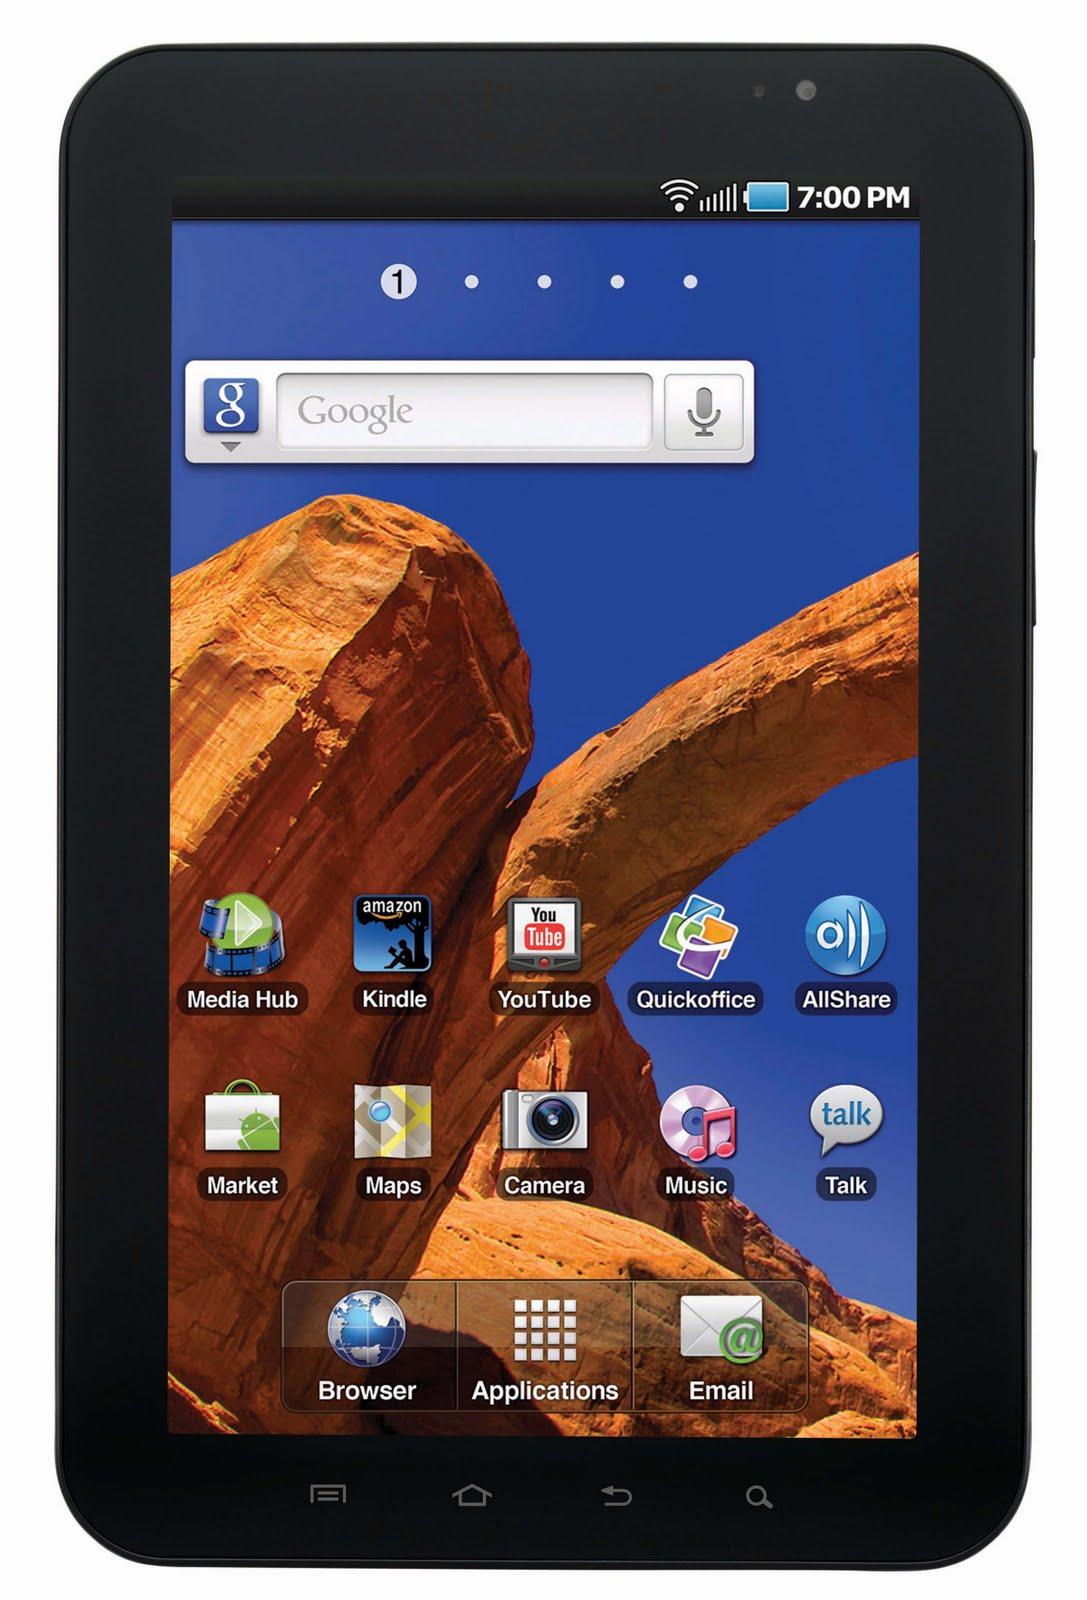 http://4.bp.blogspot.com/-azcty-HFlgg/TfQT2EyJiqI/AAAAAAAAAJ4/QDaXLJkN-TA/s1600/Mobile-Samsung-Galaxy-Tab-Wi-Fi.jpg